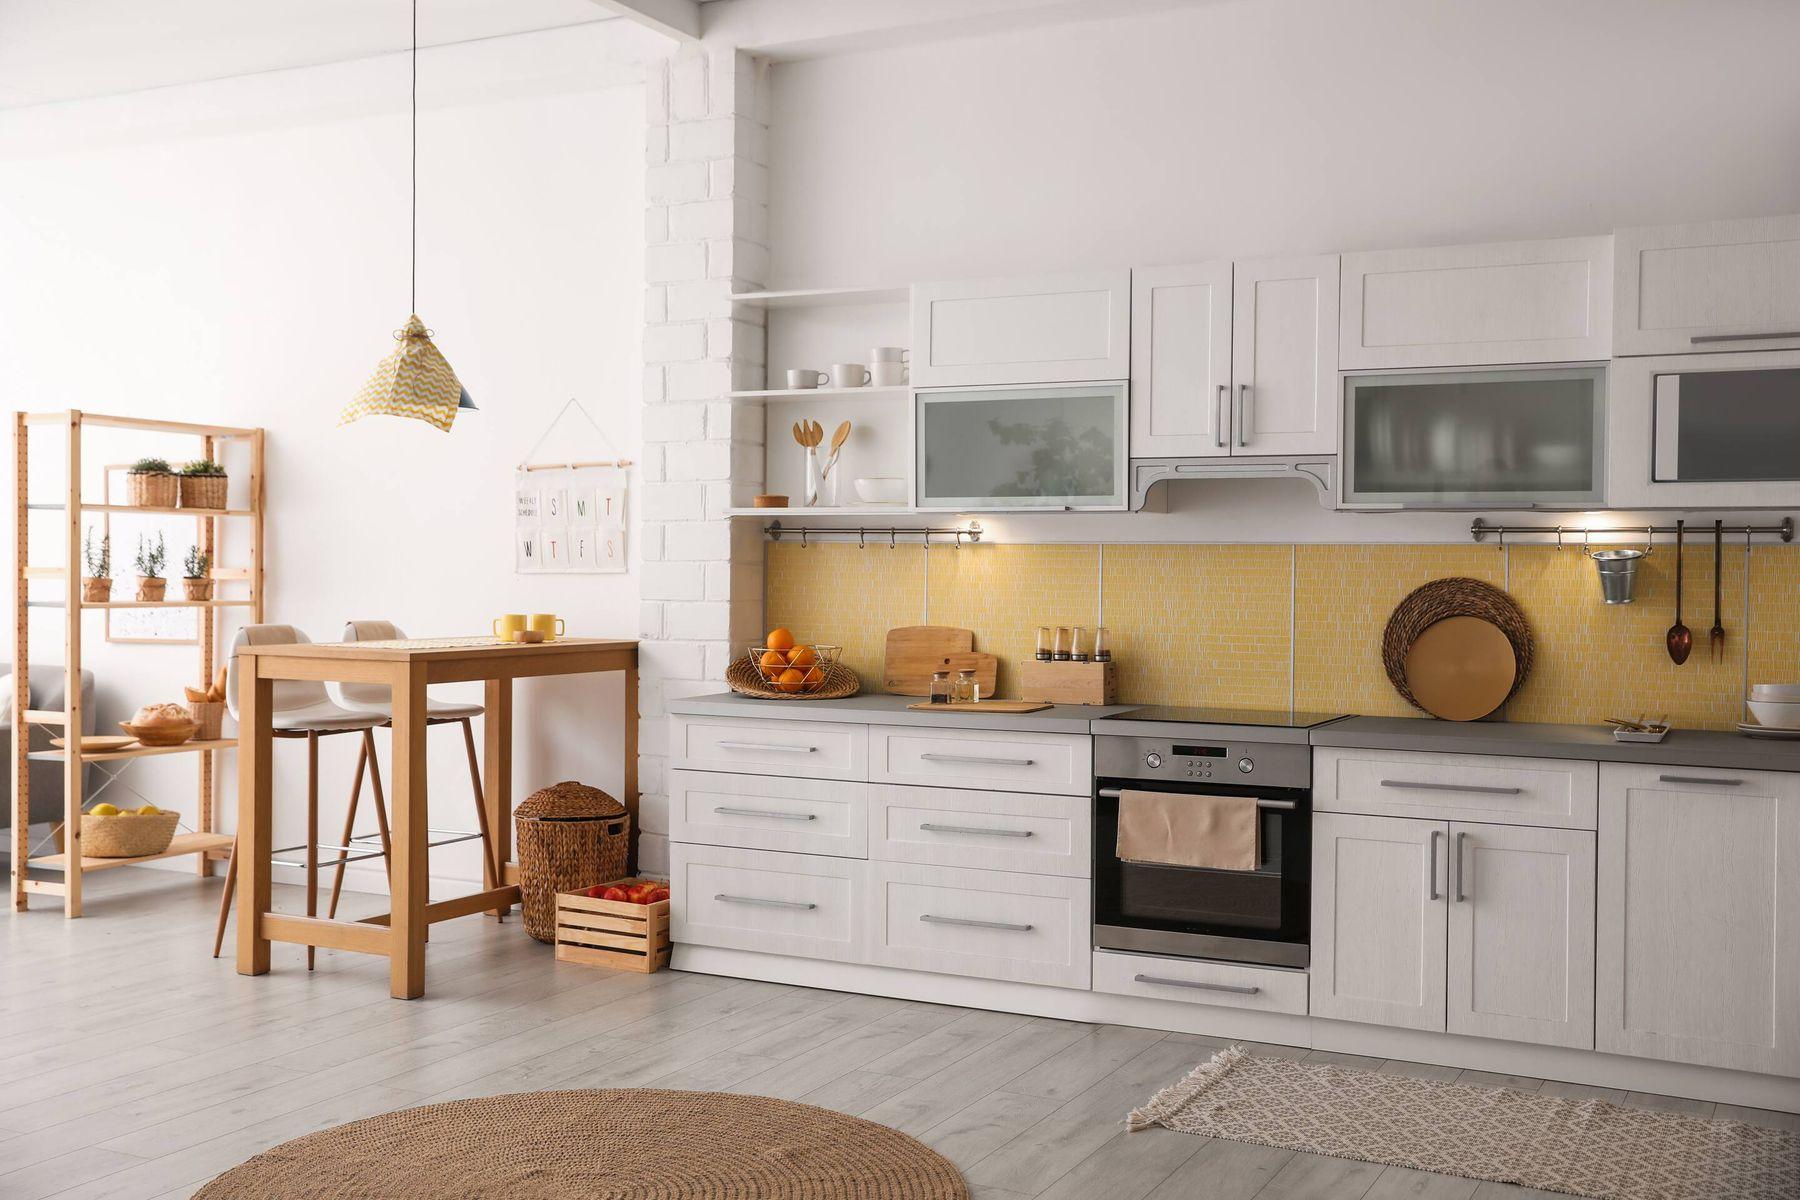 cách trang trí nhà bếp đơn giản